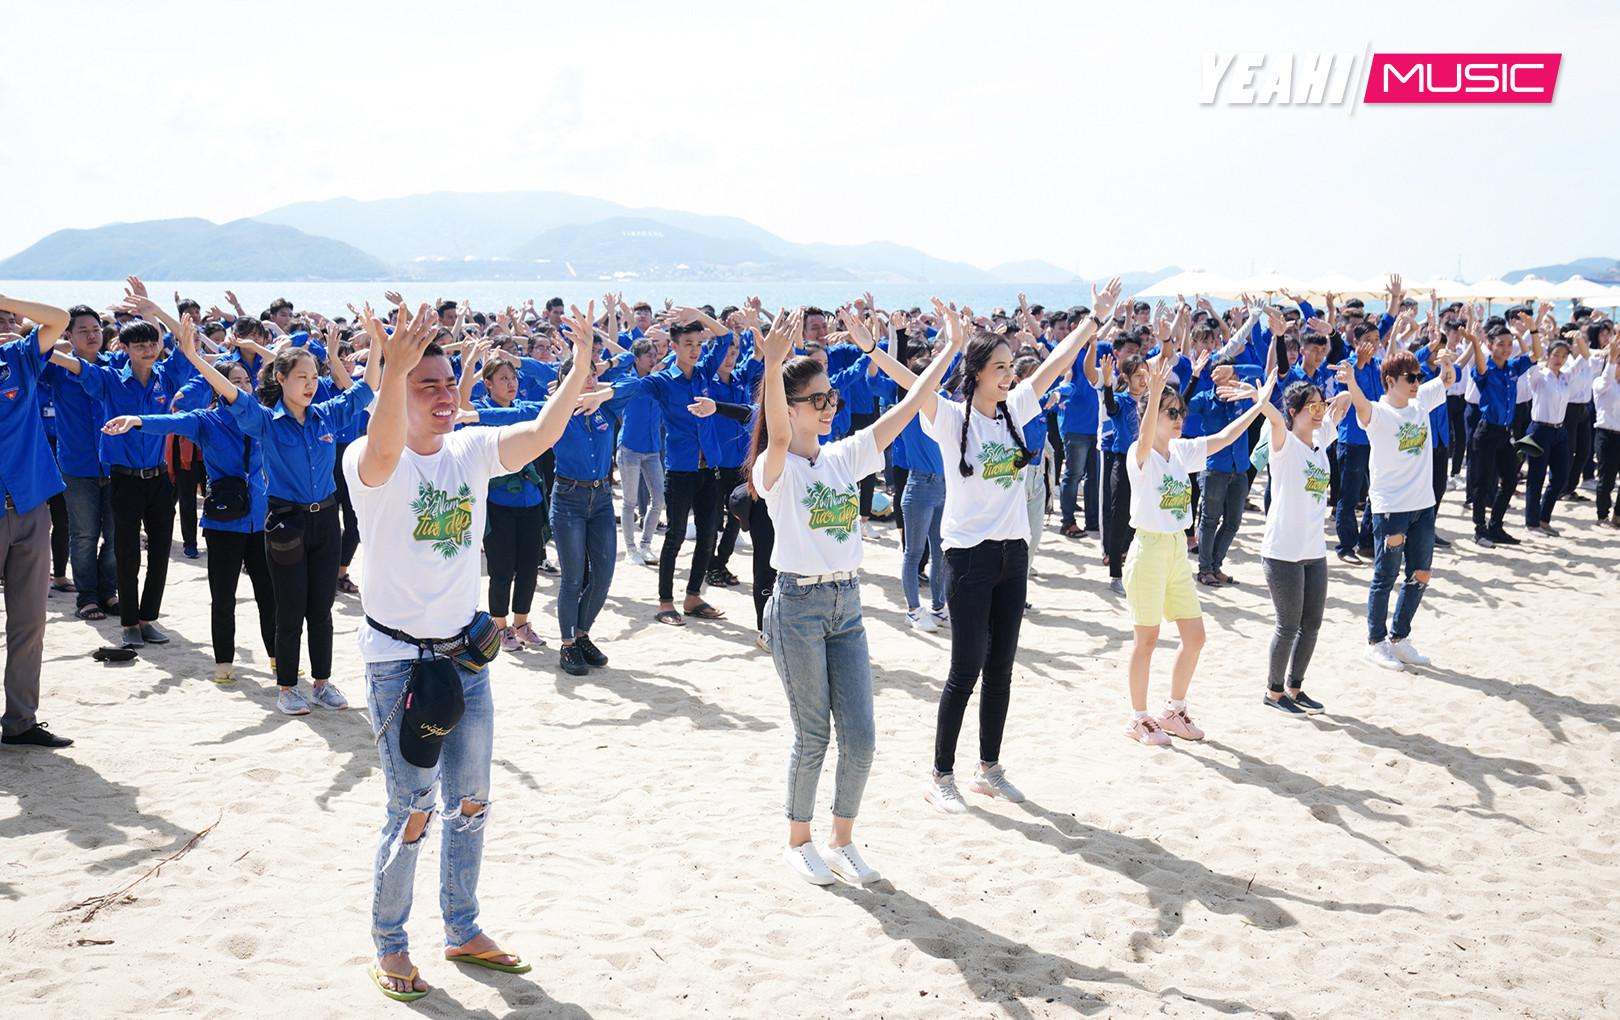 Lâm Vỹ Dạ, Gin Tuấn Kiệt, Dương Lâm, Puka được Mai Phương Thúy và 1.000  học sinh, sinh viên bất ngờ nhảy flashmob chào đón tại bãi biển